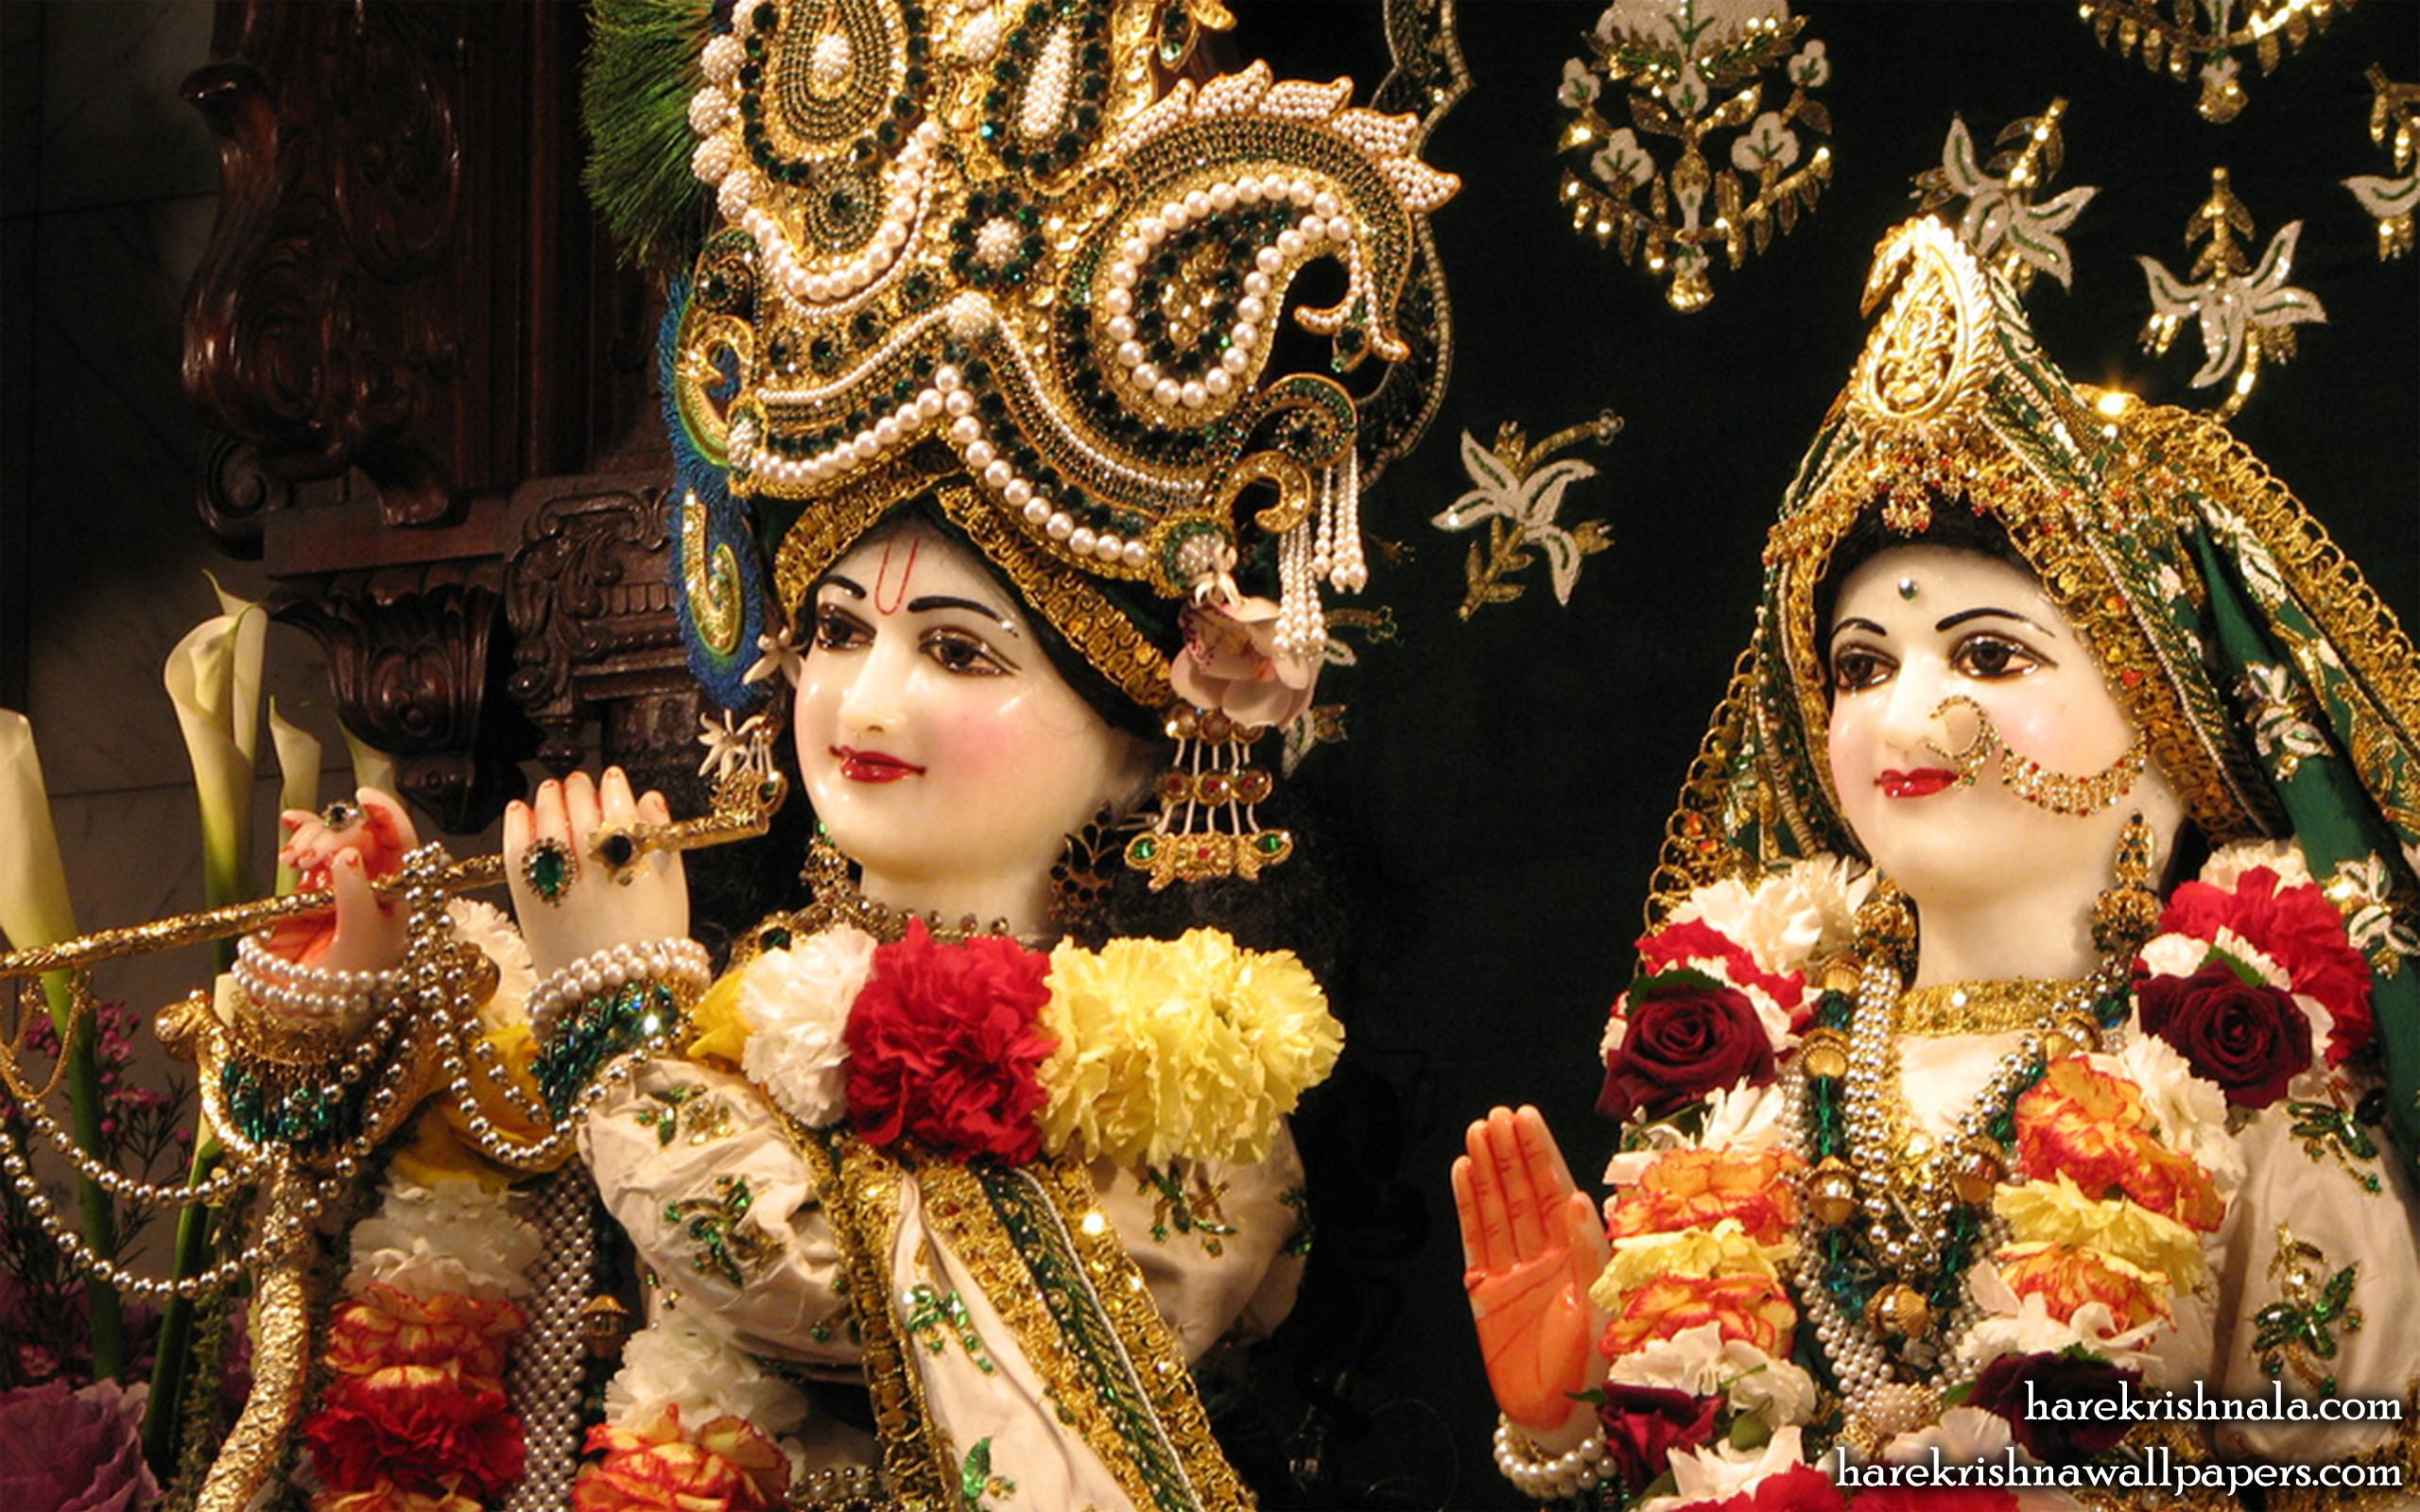 Sri Sri Rukmini Dwarkadhish Close up Wallpaper (010) Size 2560x1600 Download